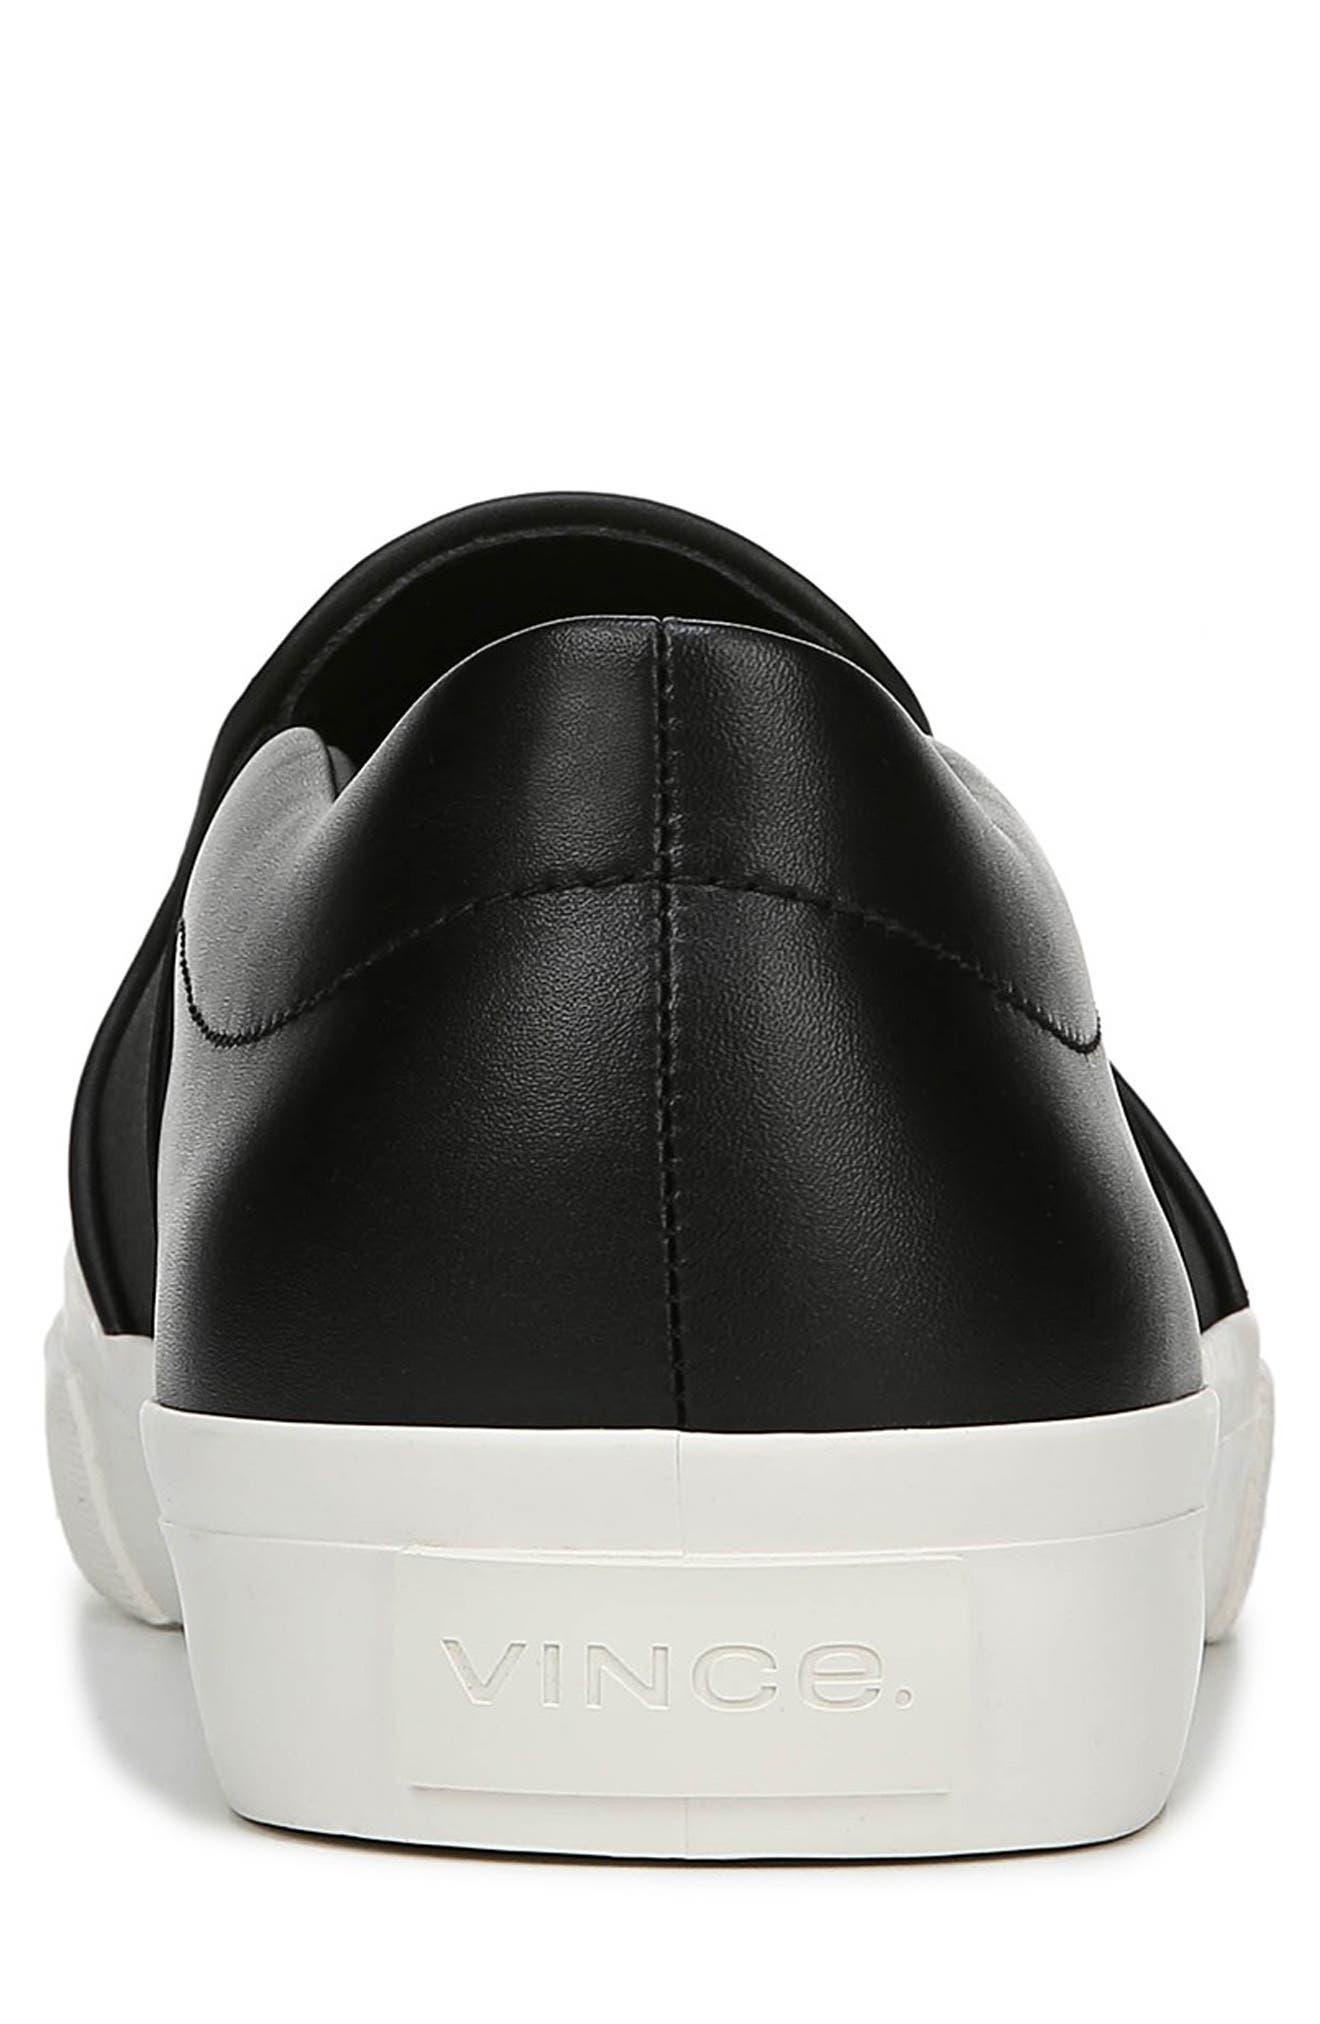 Fenton Slip-On  Sneaker,                             Alternate thumbnail 7, color,                             BLACK/ BLACK